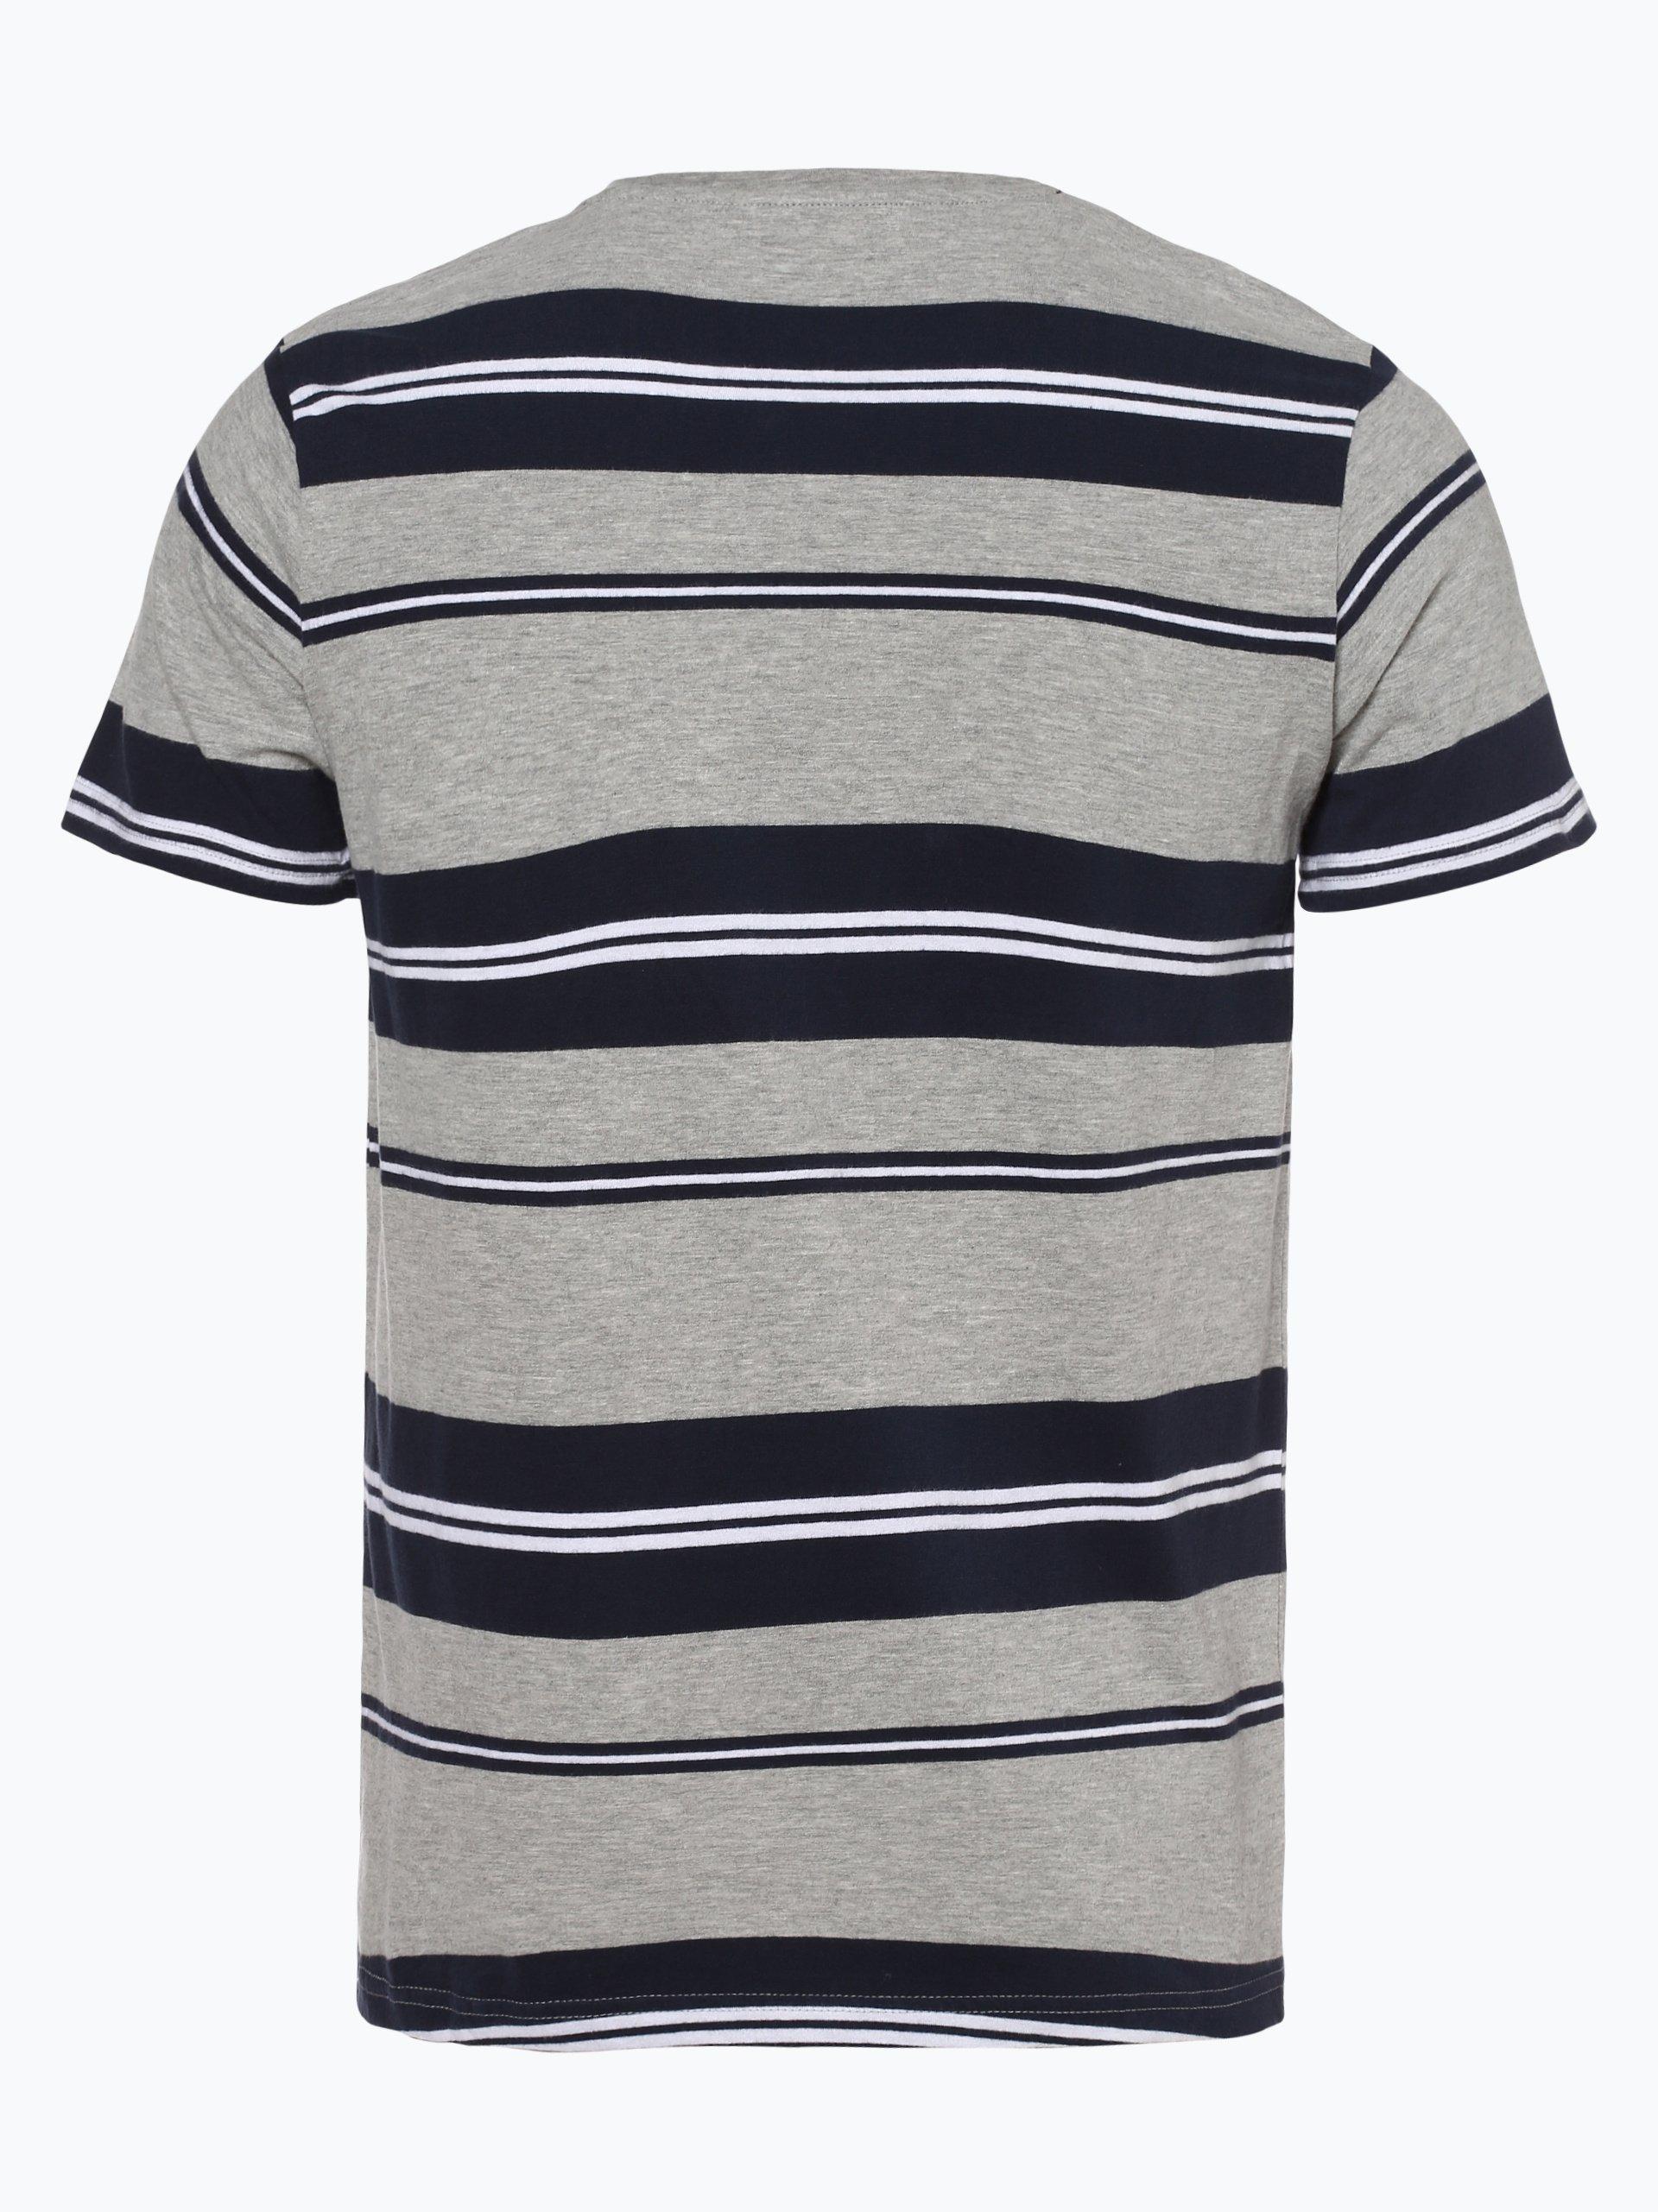 Solid Herren T-Shirt - Ask